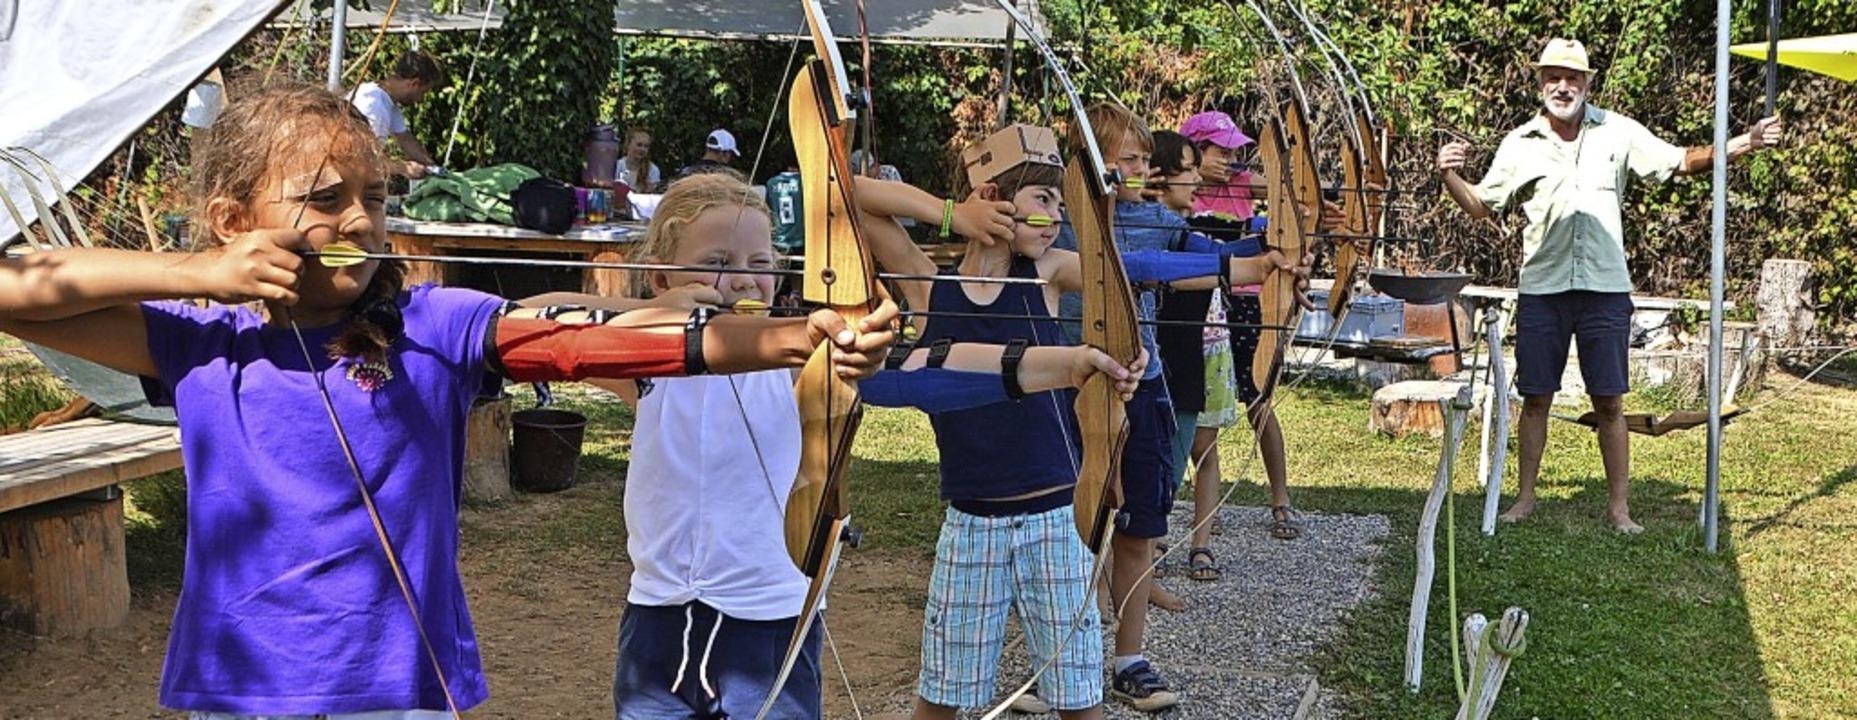 Mit Pfeil und Bogen: Kinder schießen u...eitung von Karl Lay auf Zielscheiben.     Foto: Horatio Gollin